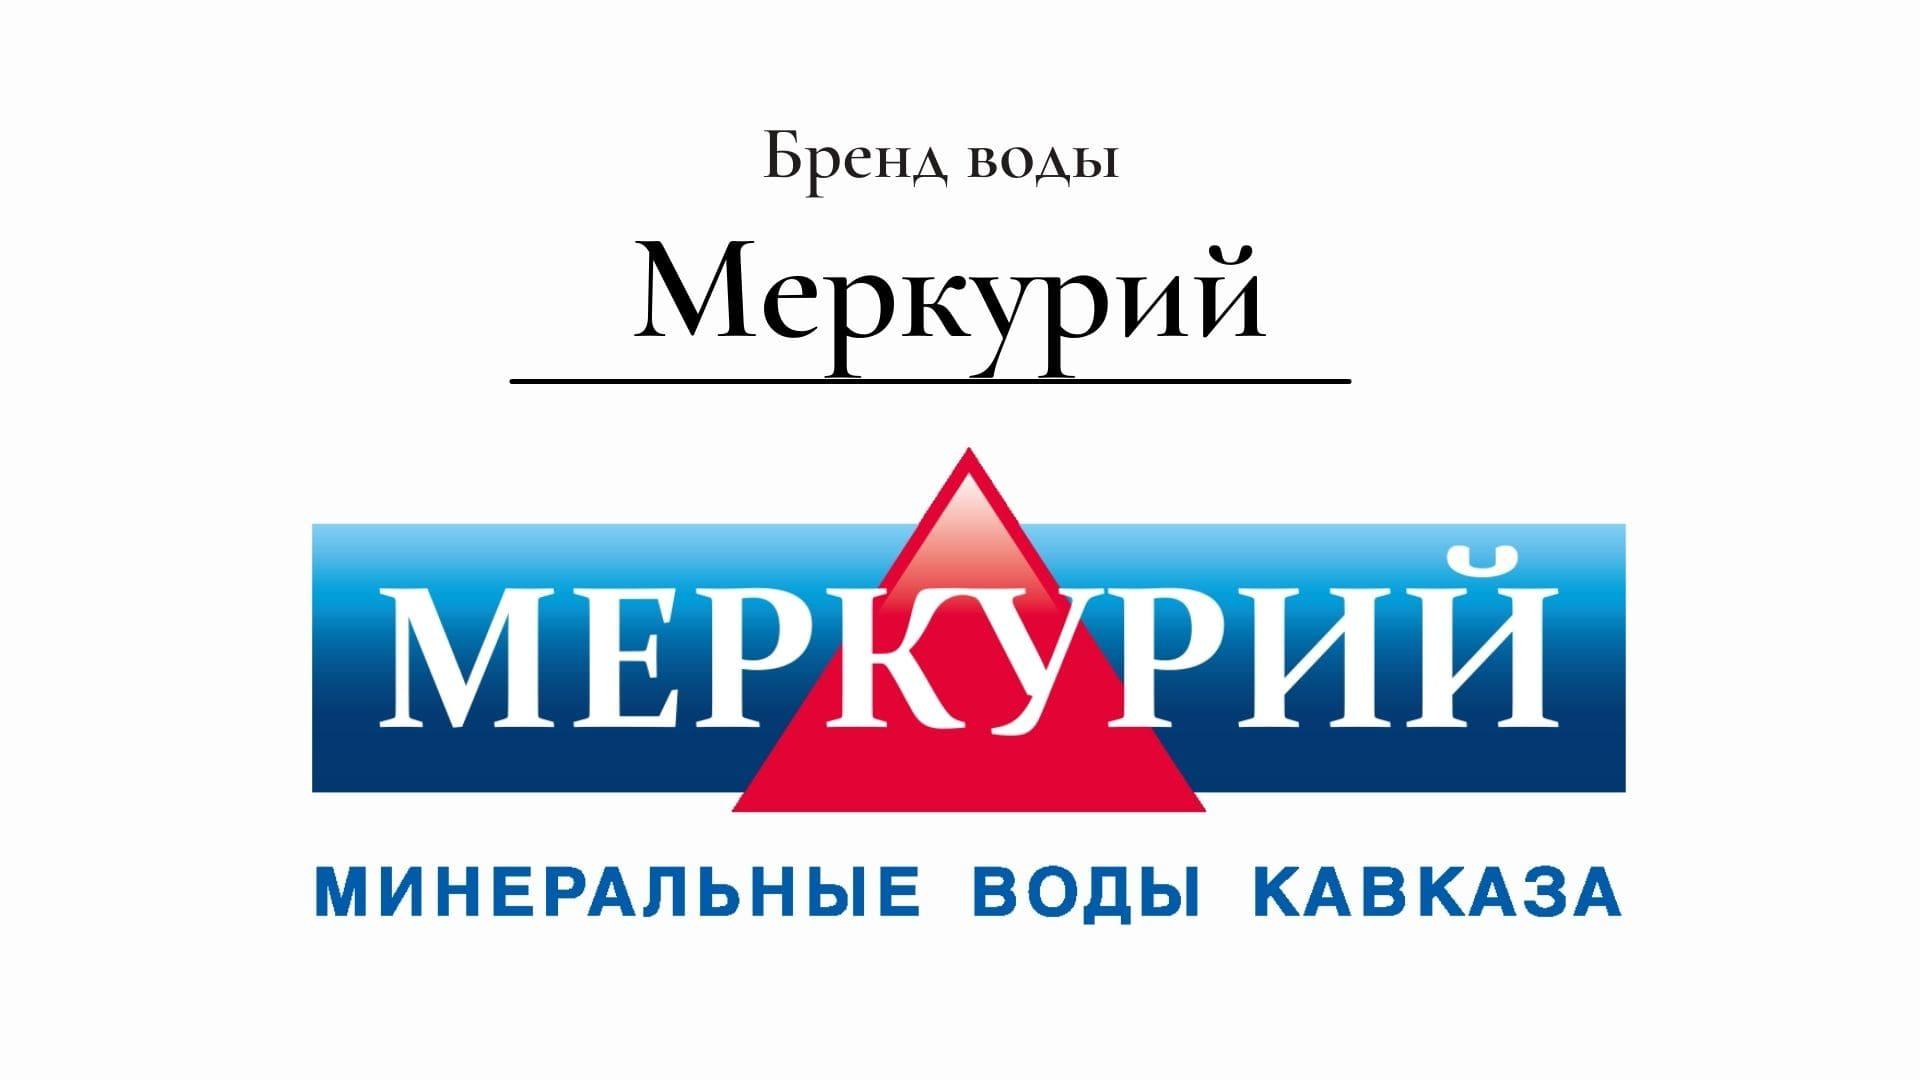 Бренд Меркурий